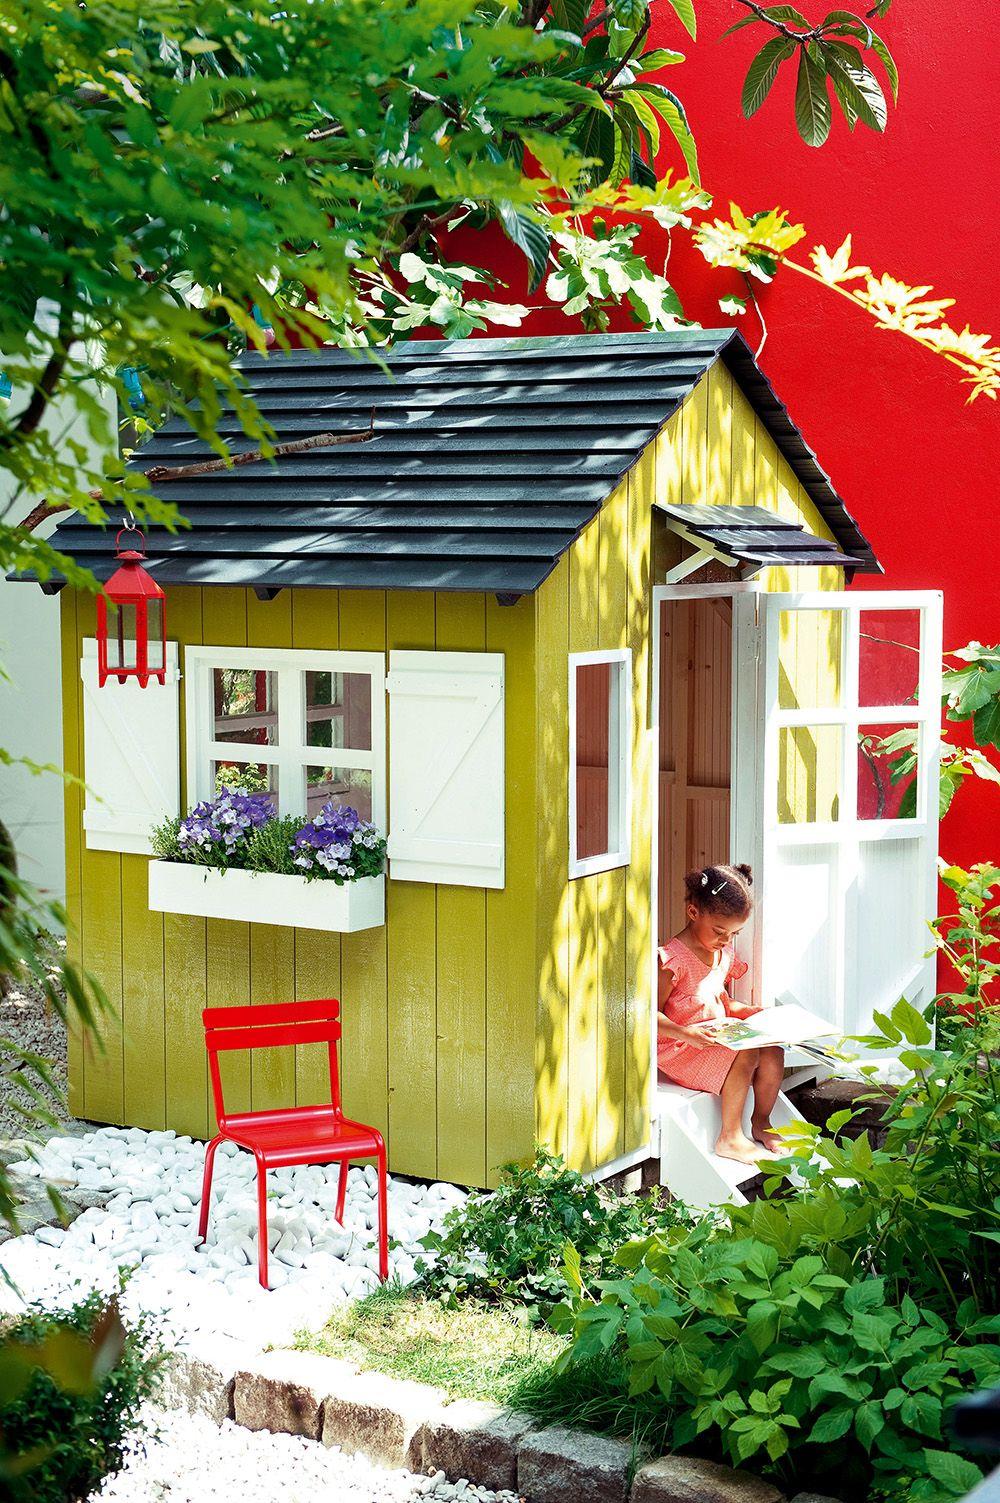 16 Idées Pour Fabriquer Une Cabane De Jardin | Diy Jardin ... tout Fabriquer Une Cabane De Jardin